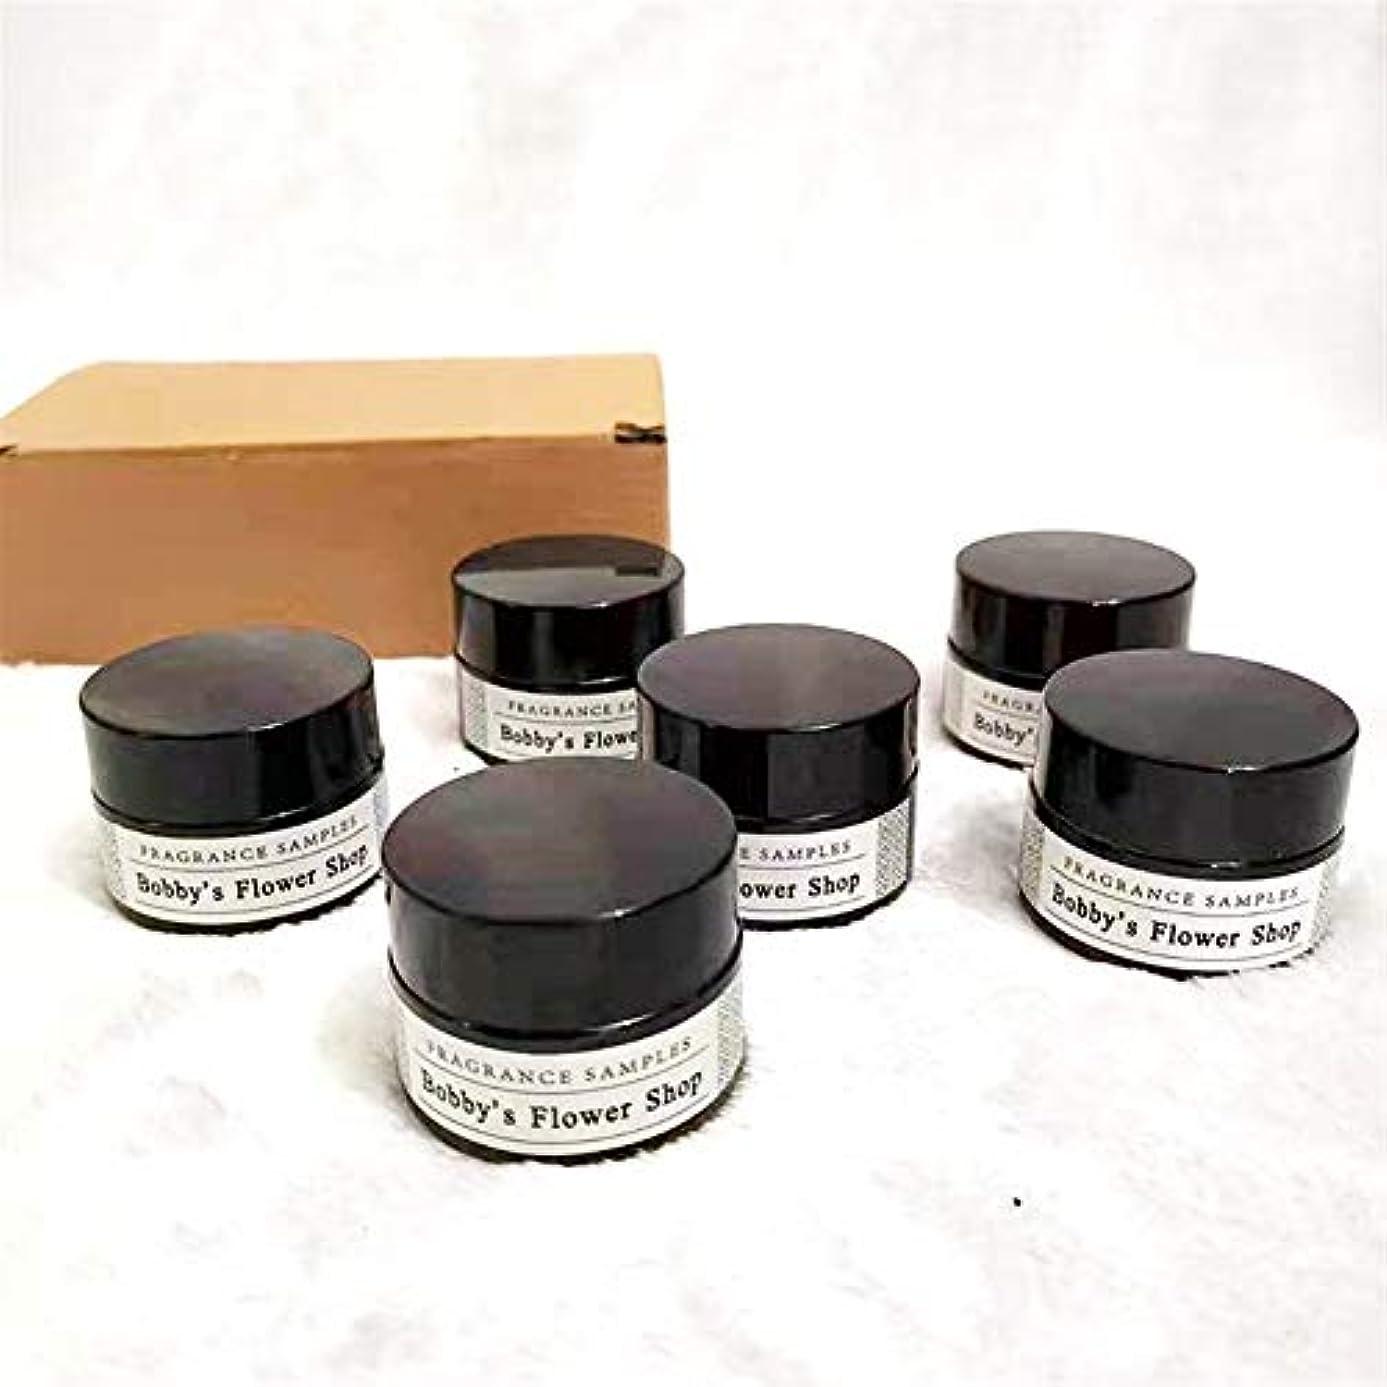 膿瘍くしゃくしゃメイドGuomao アロマセラピーキャンドルグラス、ガラスの香りライブラリ、告白小道具、無煙の香り、大豆ワックス (色 : 14cm*9cm*4.6cm)